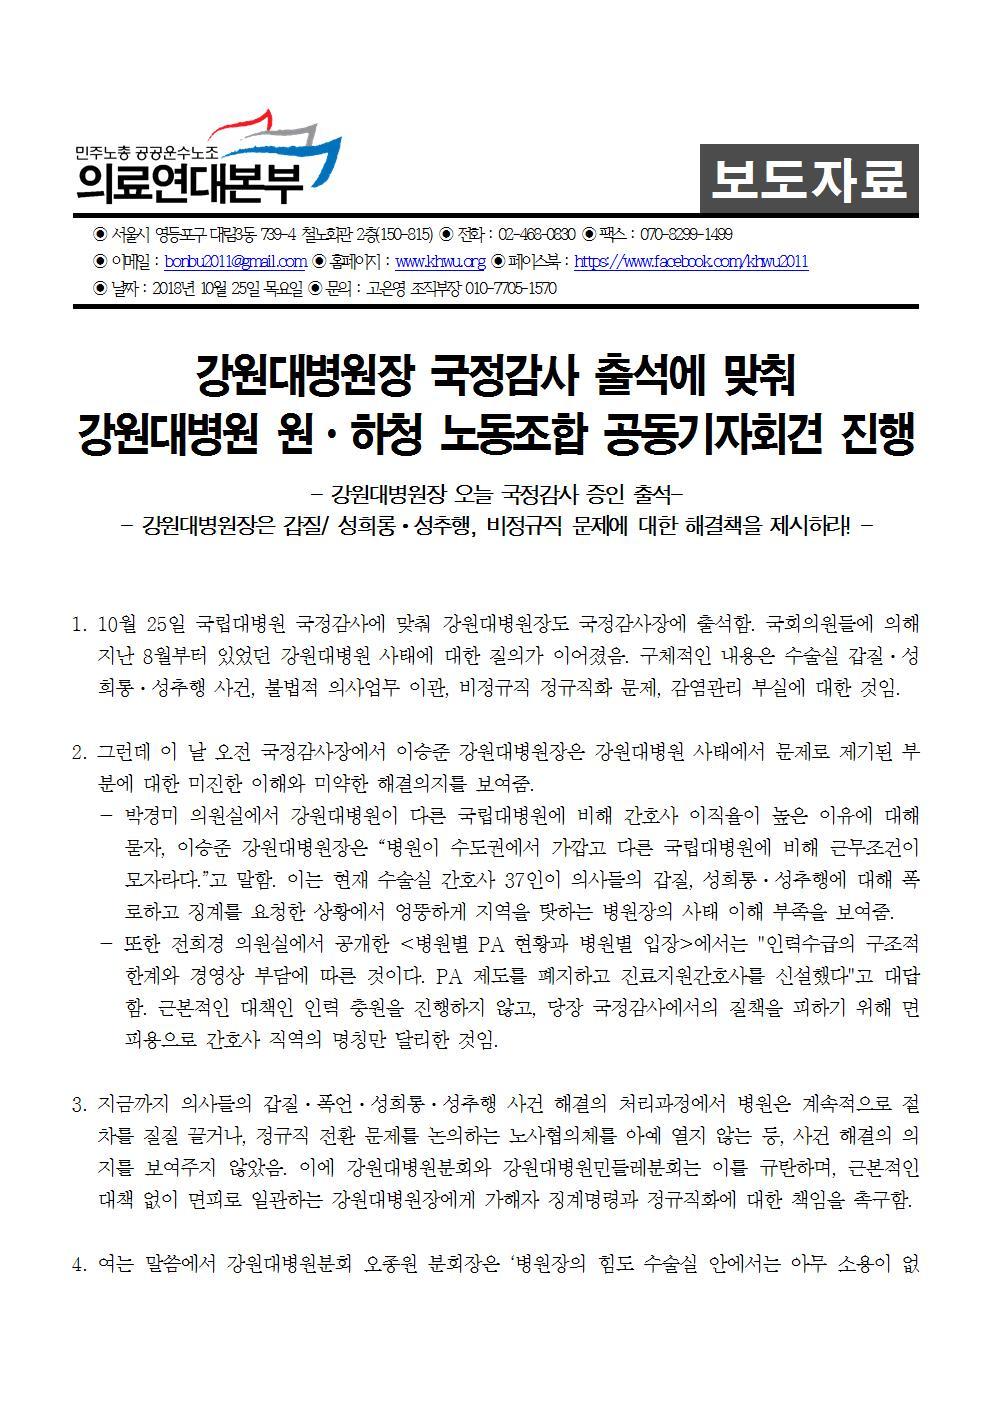 181025_[보도자료] 강원대병원장국정감사 원하청 공동기자회견001.jpg